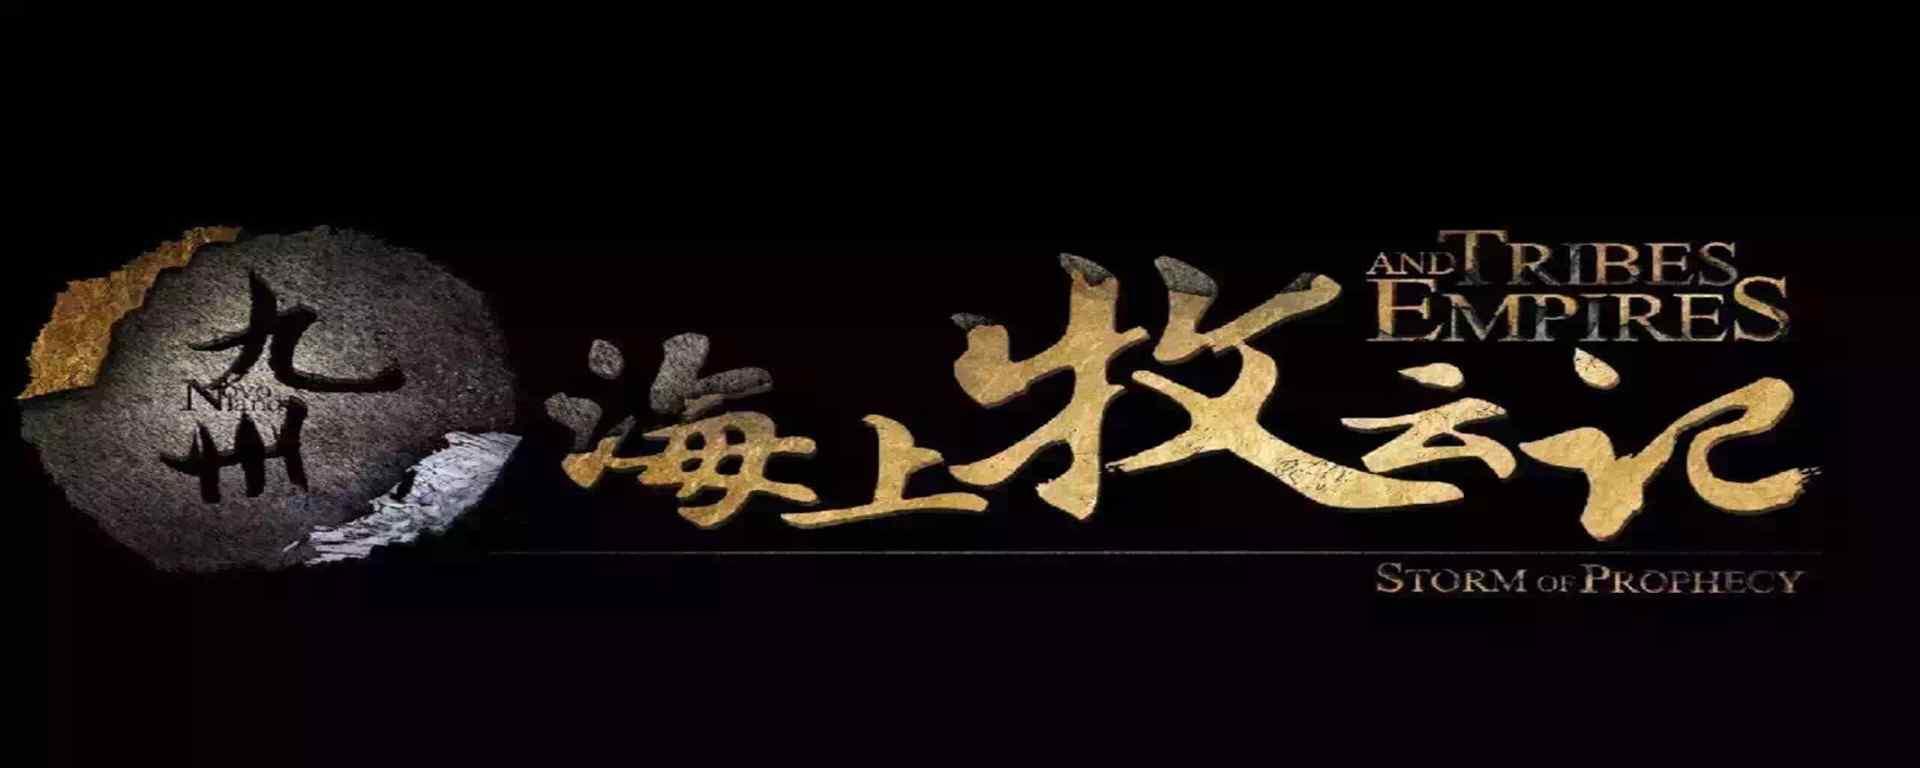 九州海上牧云记_九州海上牧云记预告_九州海上牧云记黄轩_九州海上牧云记影视壁纸